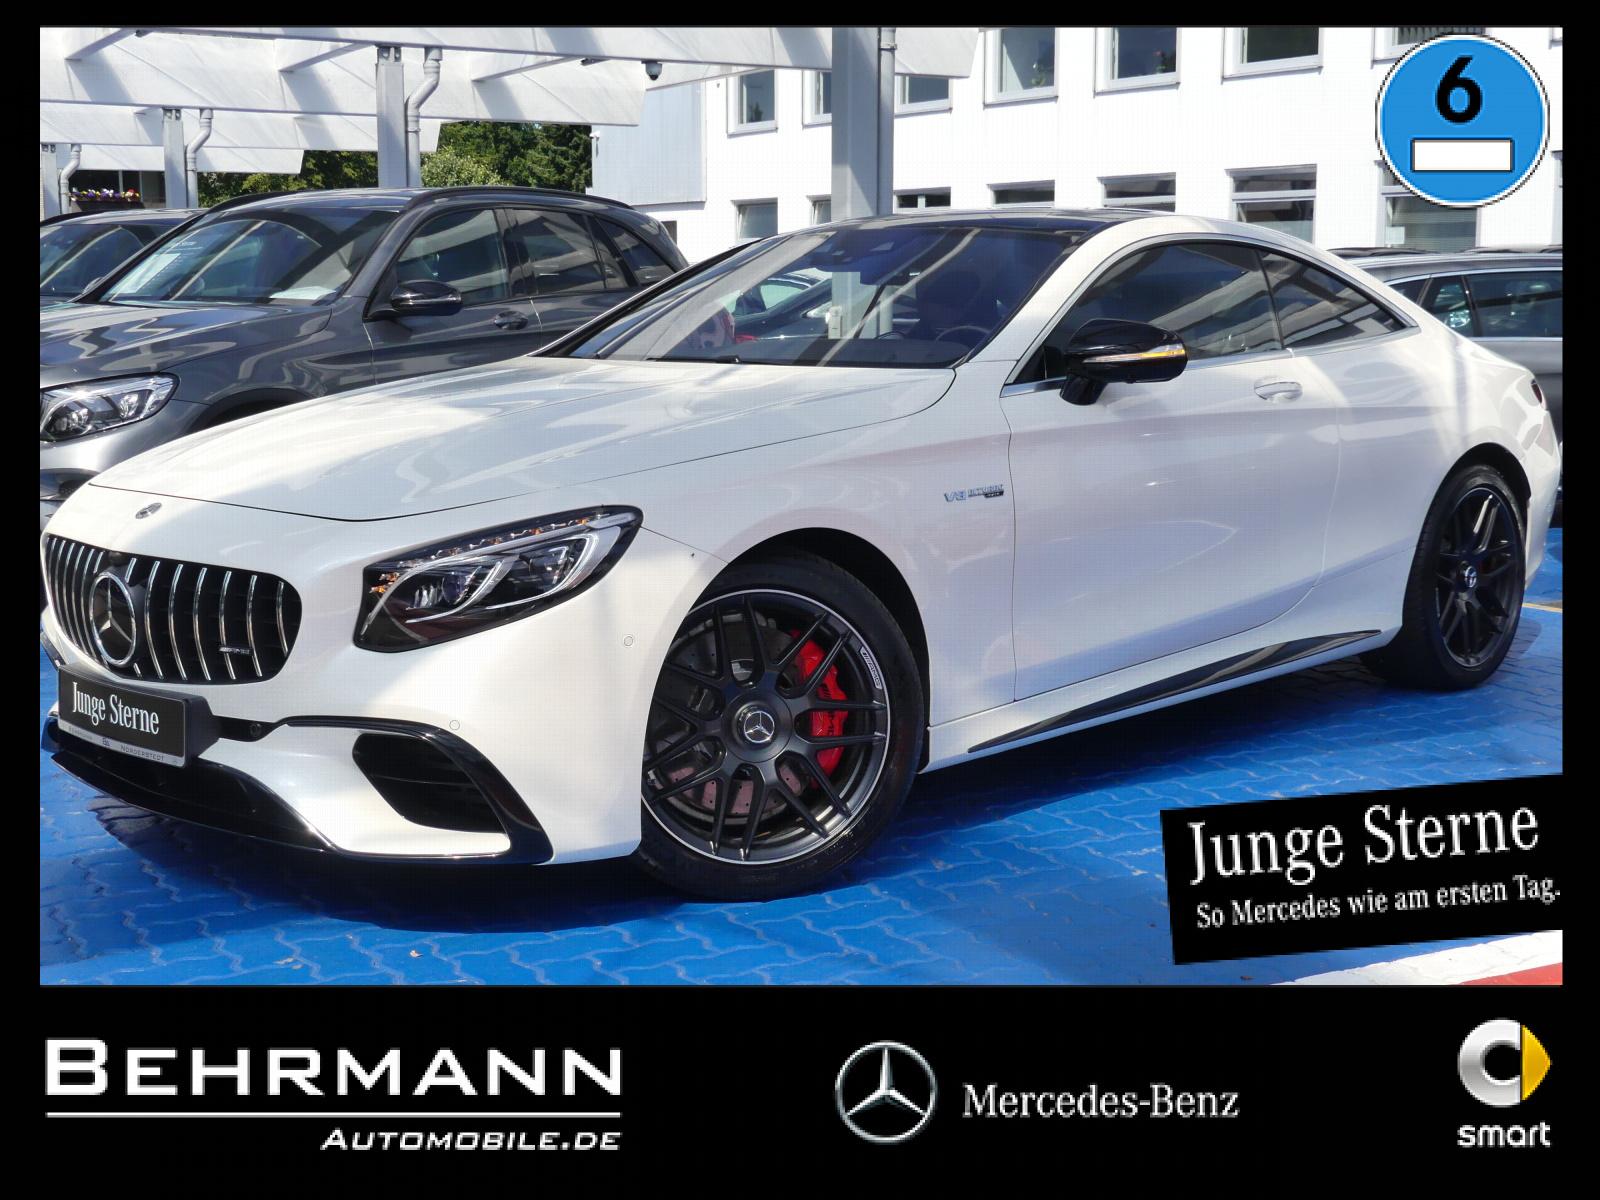 Mercedes-Benz S 63 AMG 4MATIC+ +Distronic+360°Kamera+Vmax+NFC+, Jahr 2018, Benzin